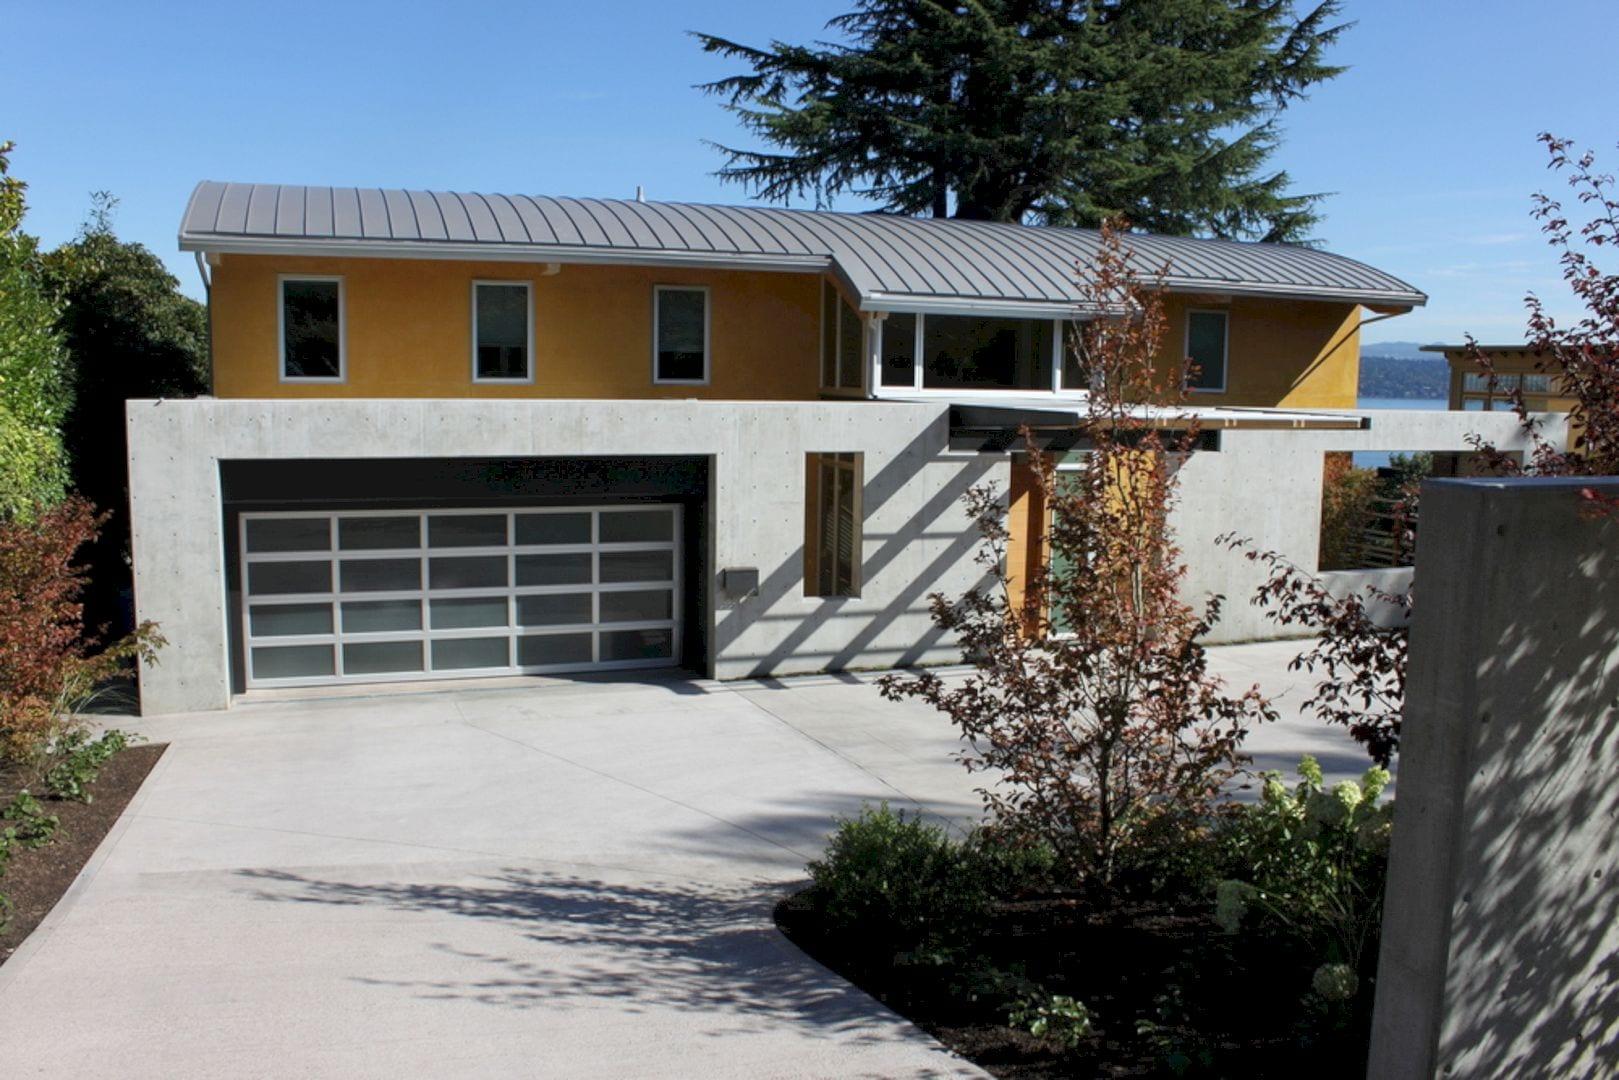 Cascadia By Prentiss Balance Wickline Architects 5